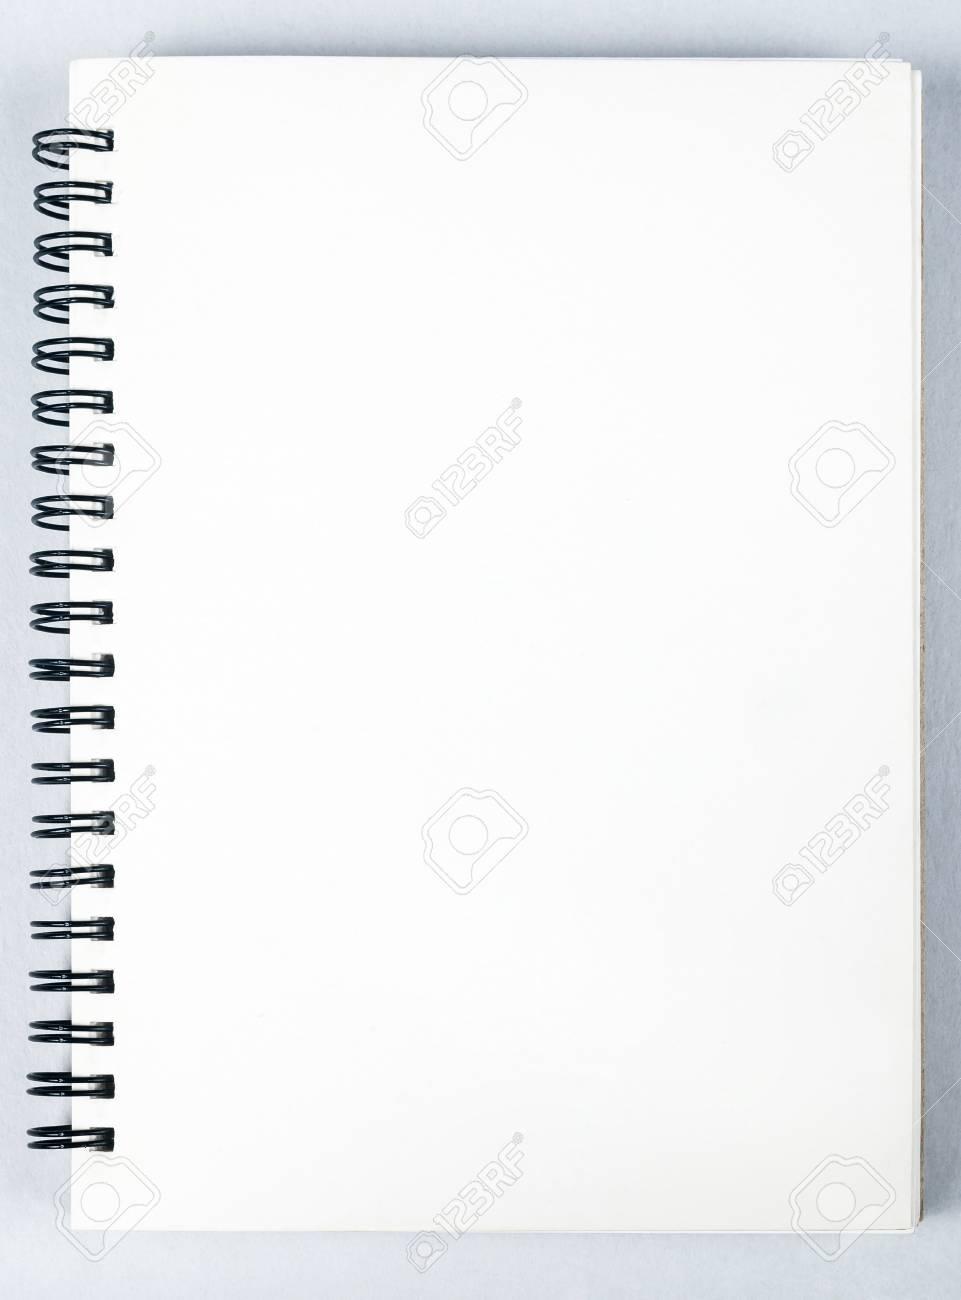 bec9ab462 Cuaderno de dibujo con lápiz en blanco